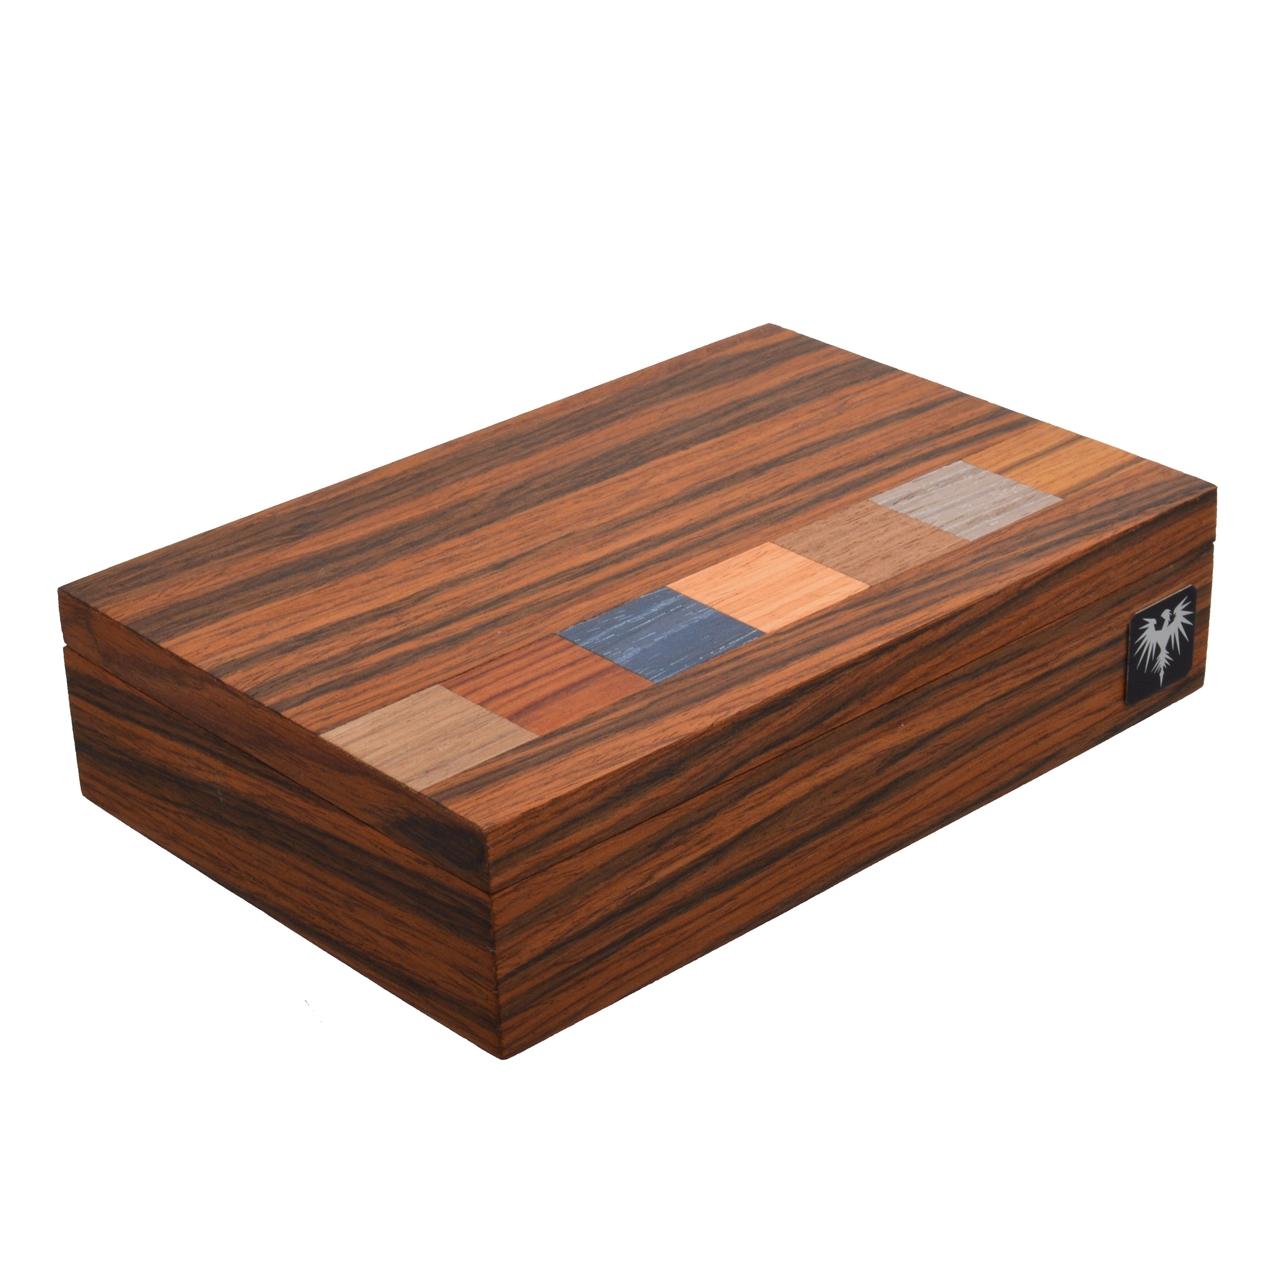 jogo-de-domino-estojo-havana-madeira-marchetado-ref-01-imagem-4.jpg